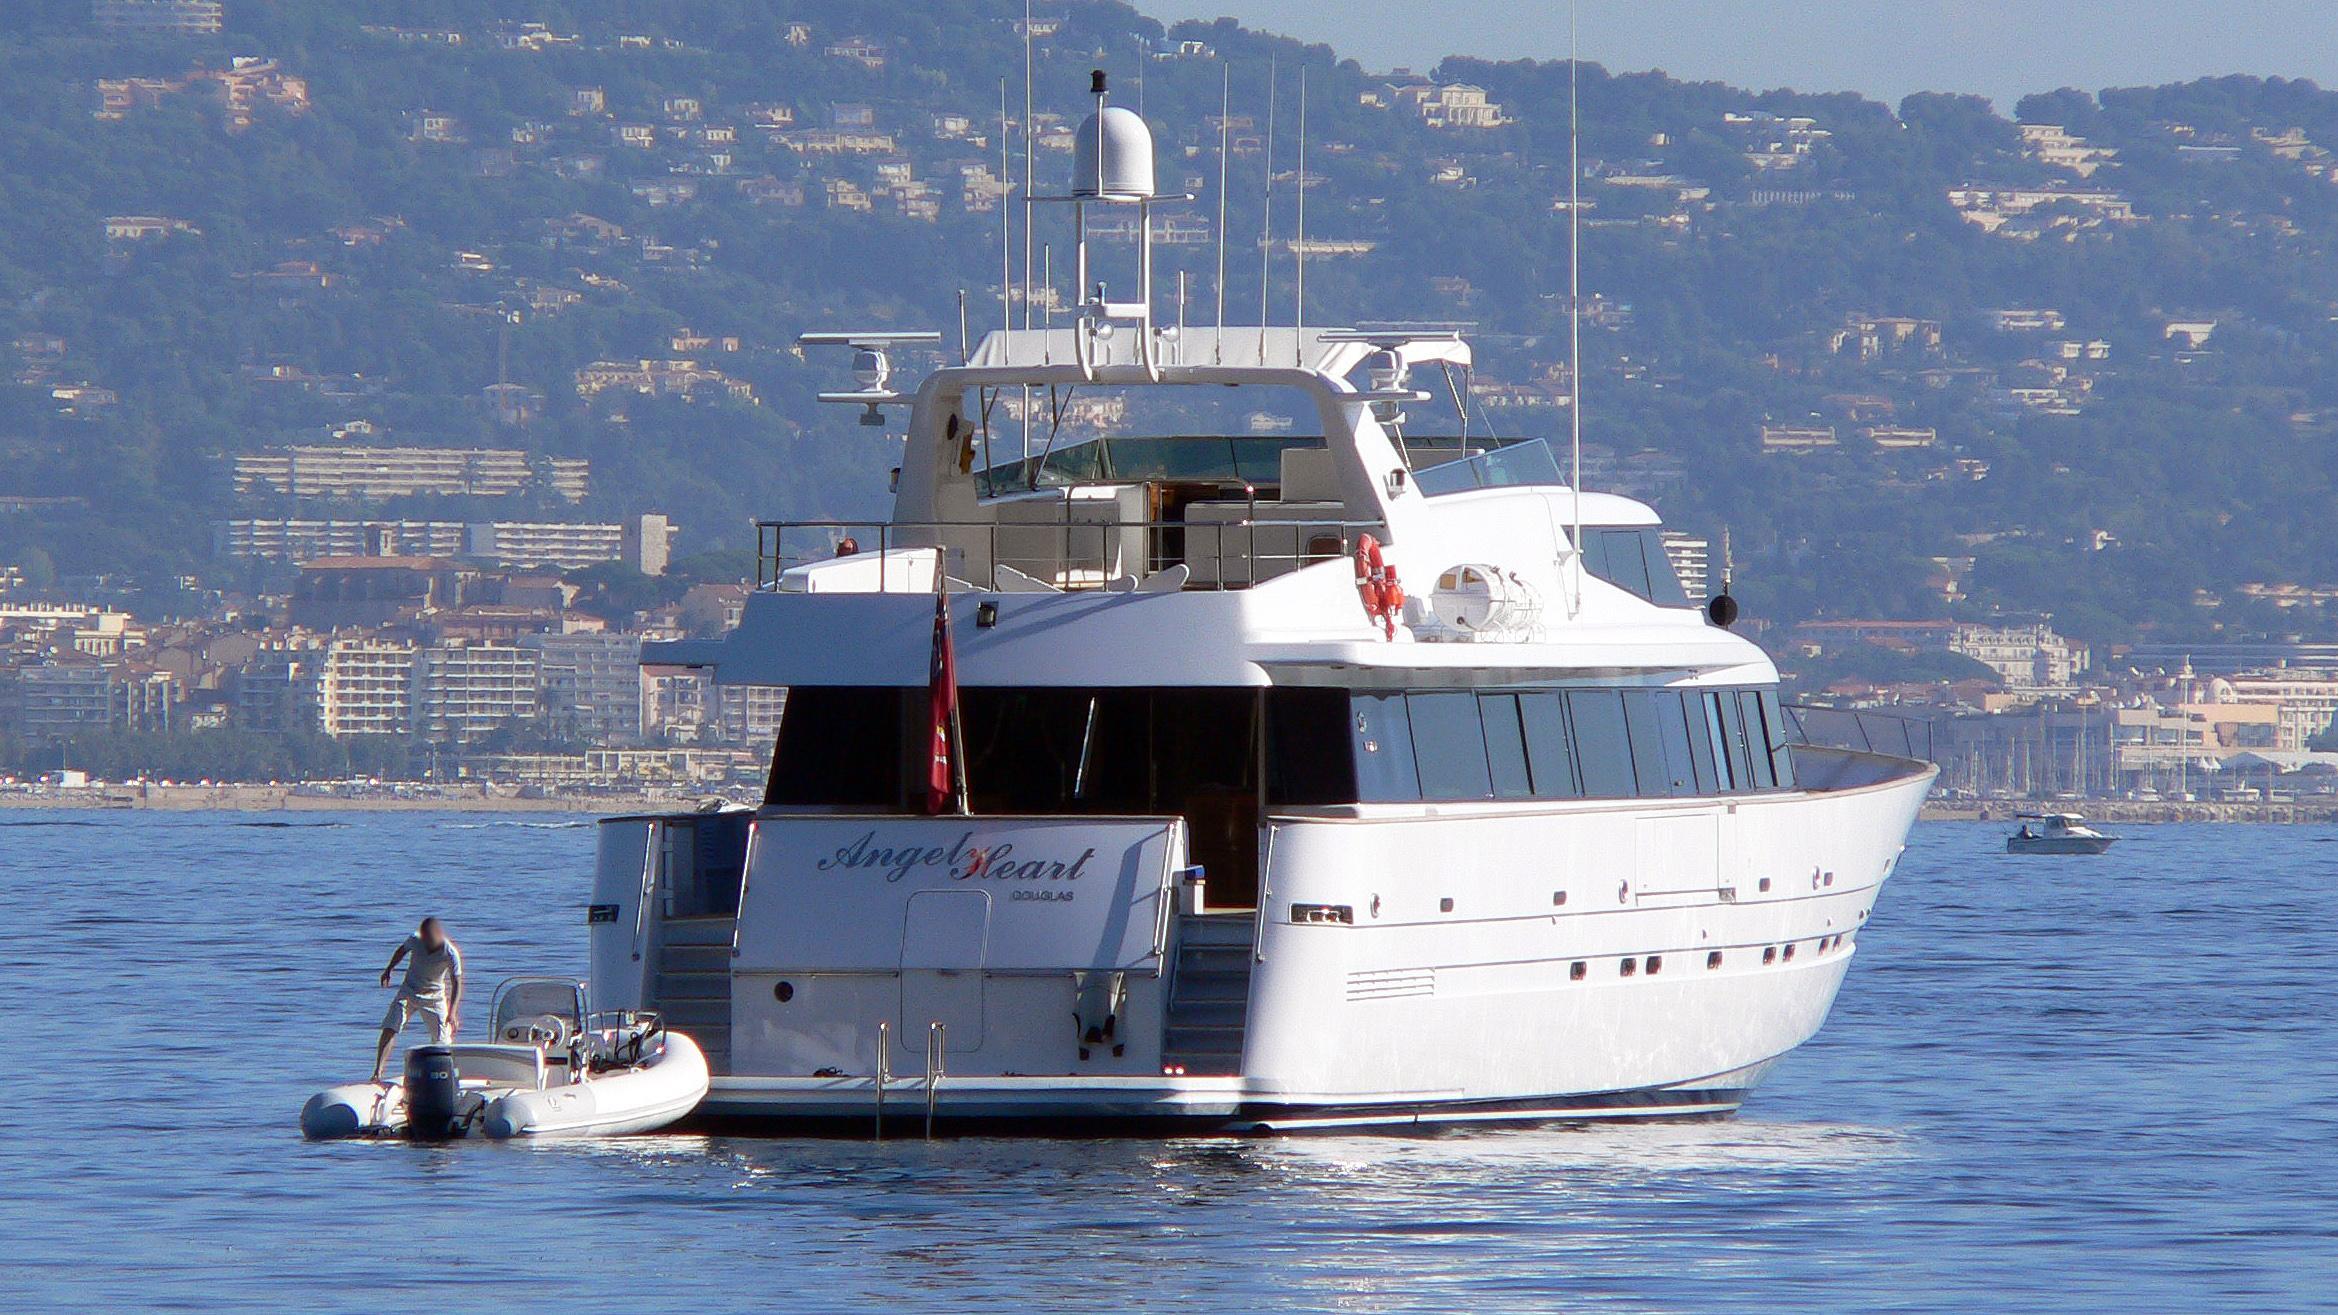 angel-heart-motor-yacht-mefasa-1993-34m-stern